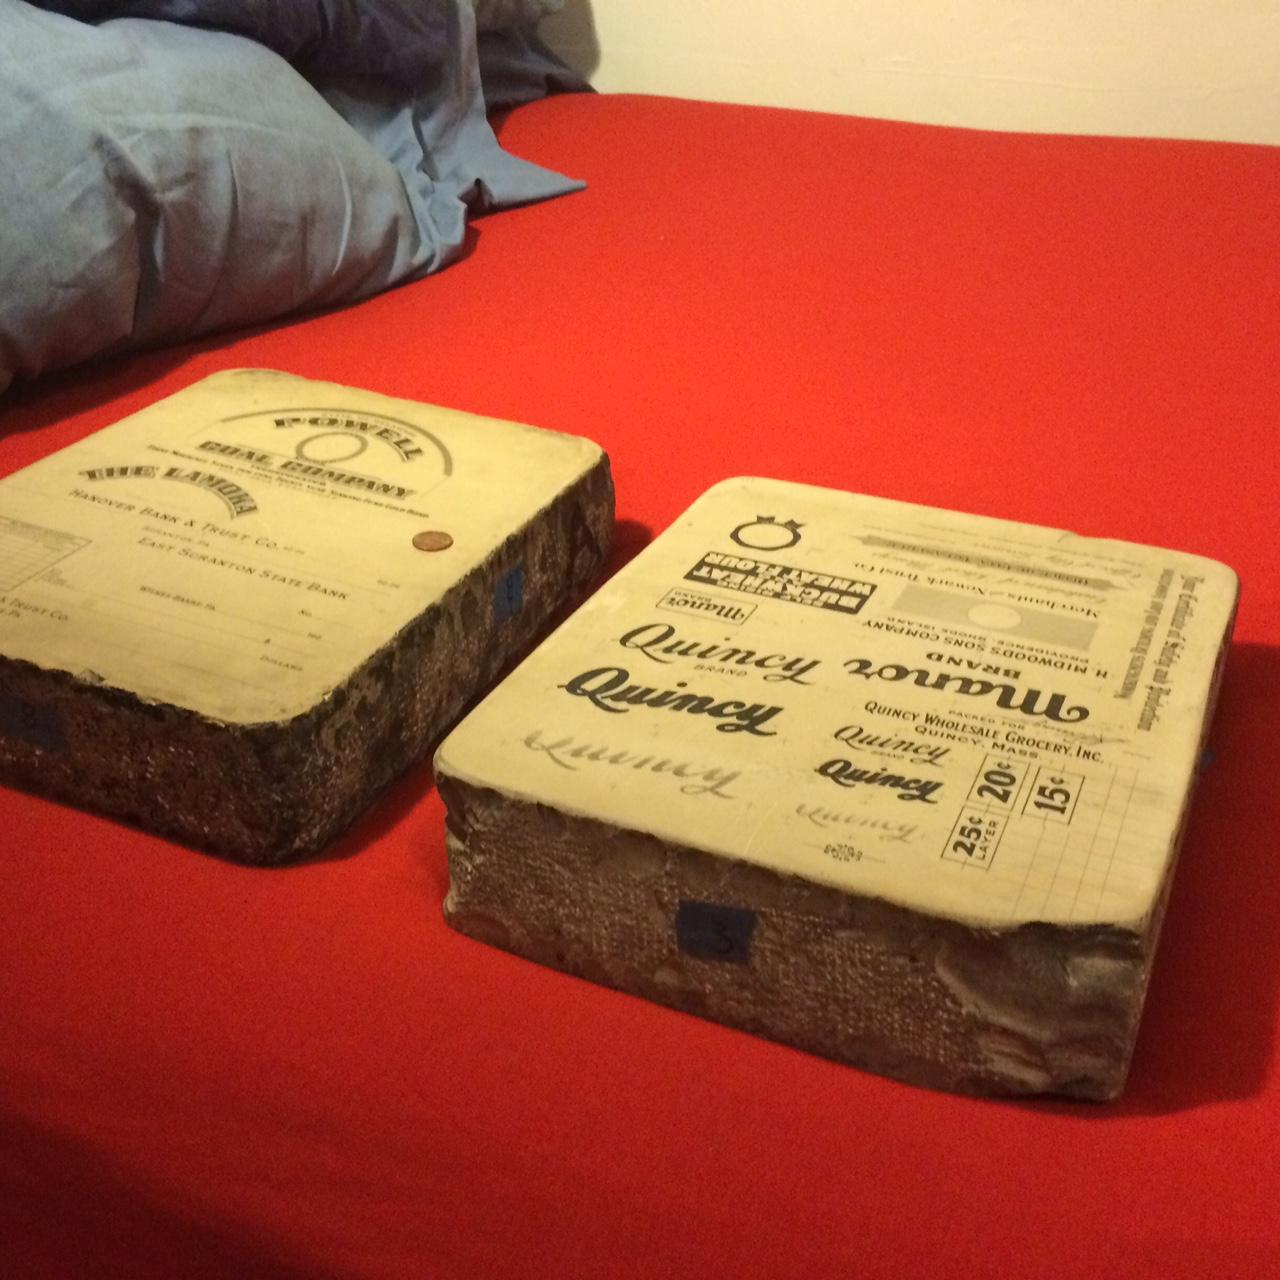 litho stones